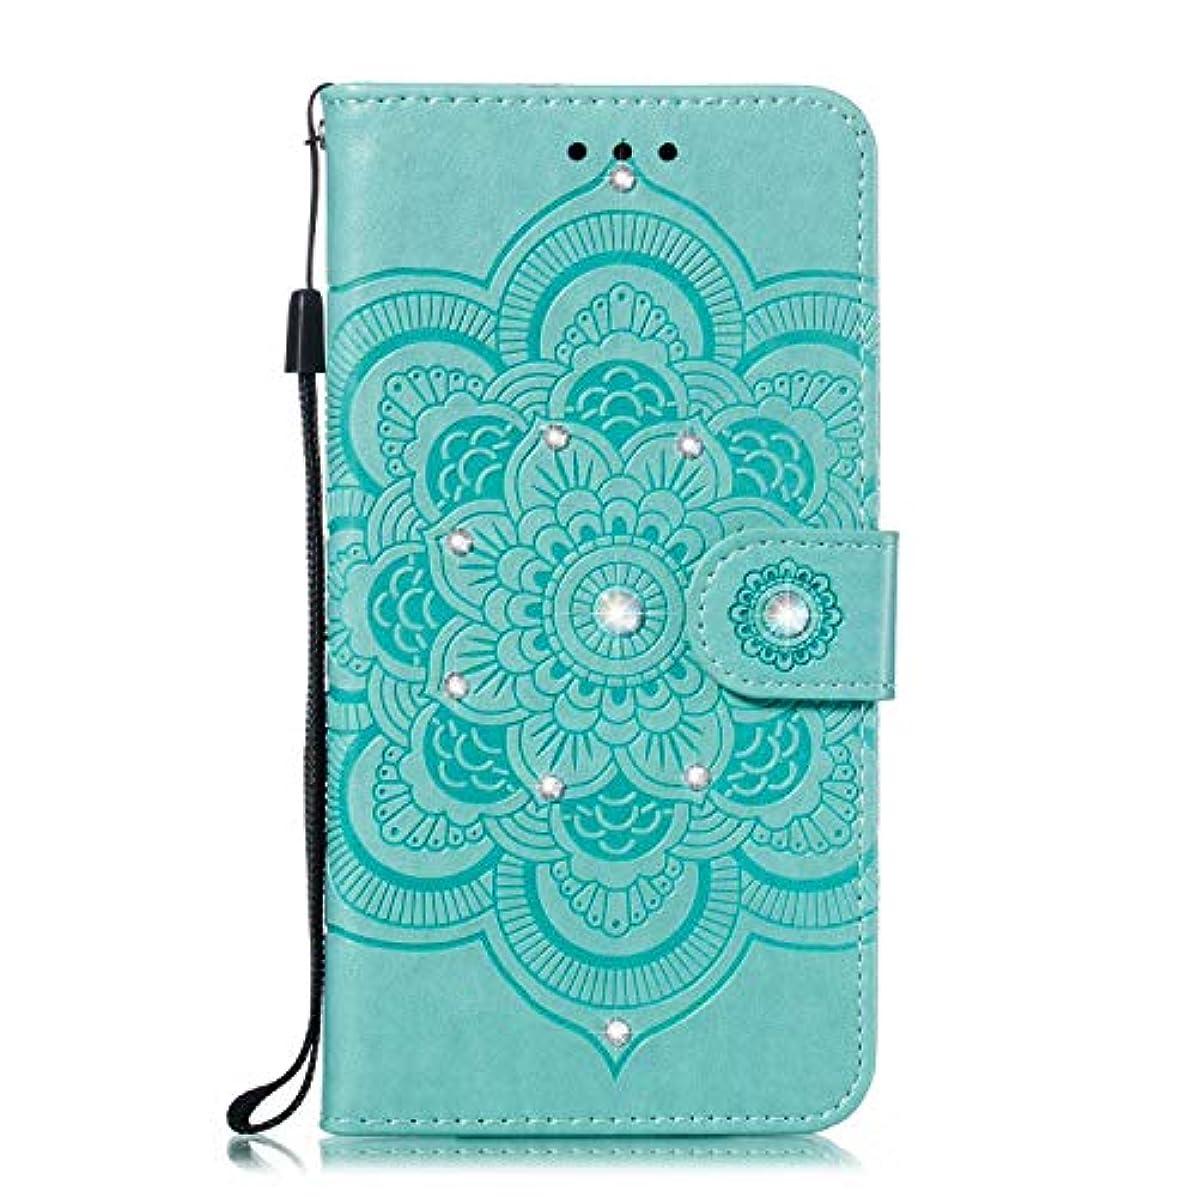 詳細な販売計画知性OMATENTI iPhone XR ケース 手帳型 かわいい レディース用 合皮PUレザー 財布型 保護ケース ザー カード収納 スタンド 機能 マグネット 人気 高品質 ダイヤモンドの輝き マンダラのエンボス加工 ケース, 緑